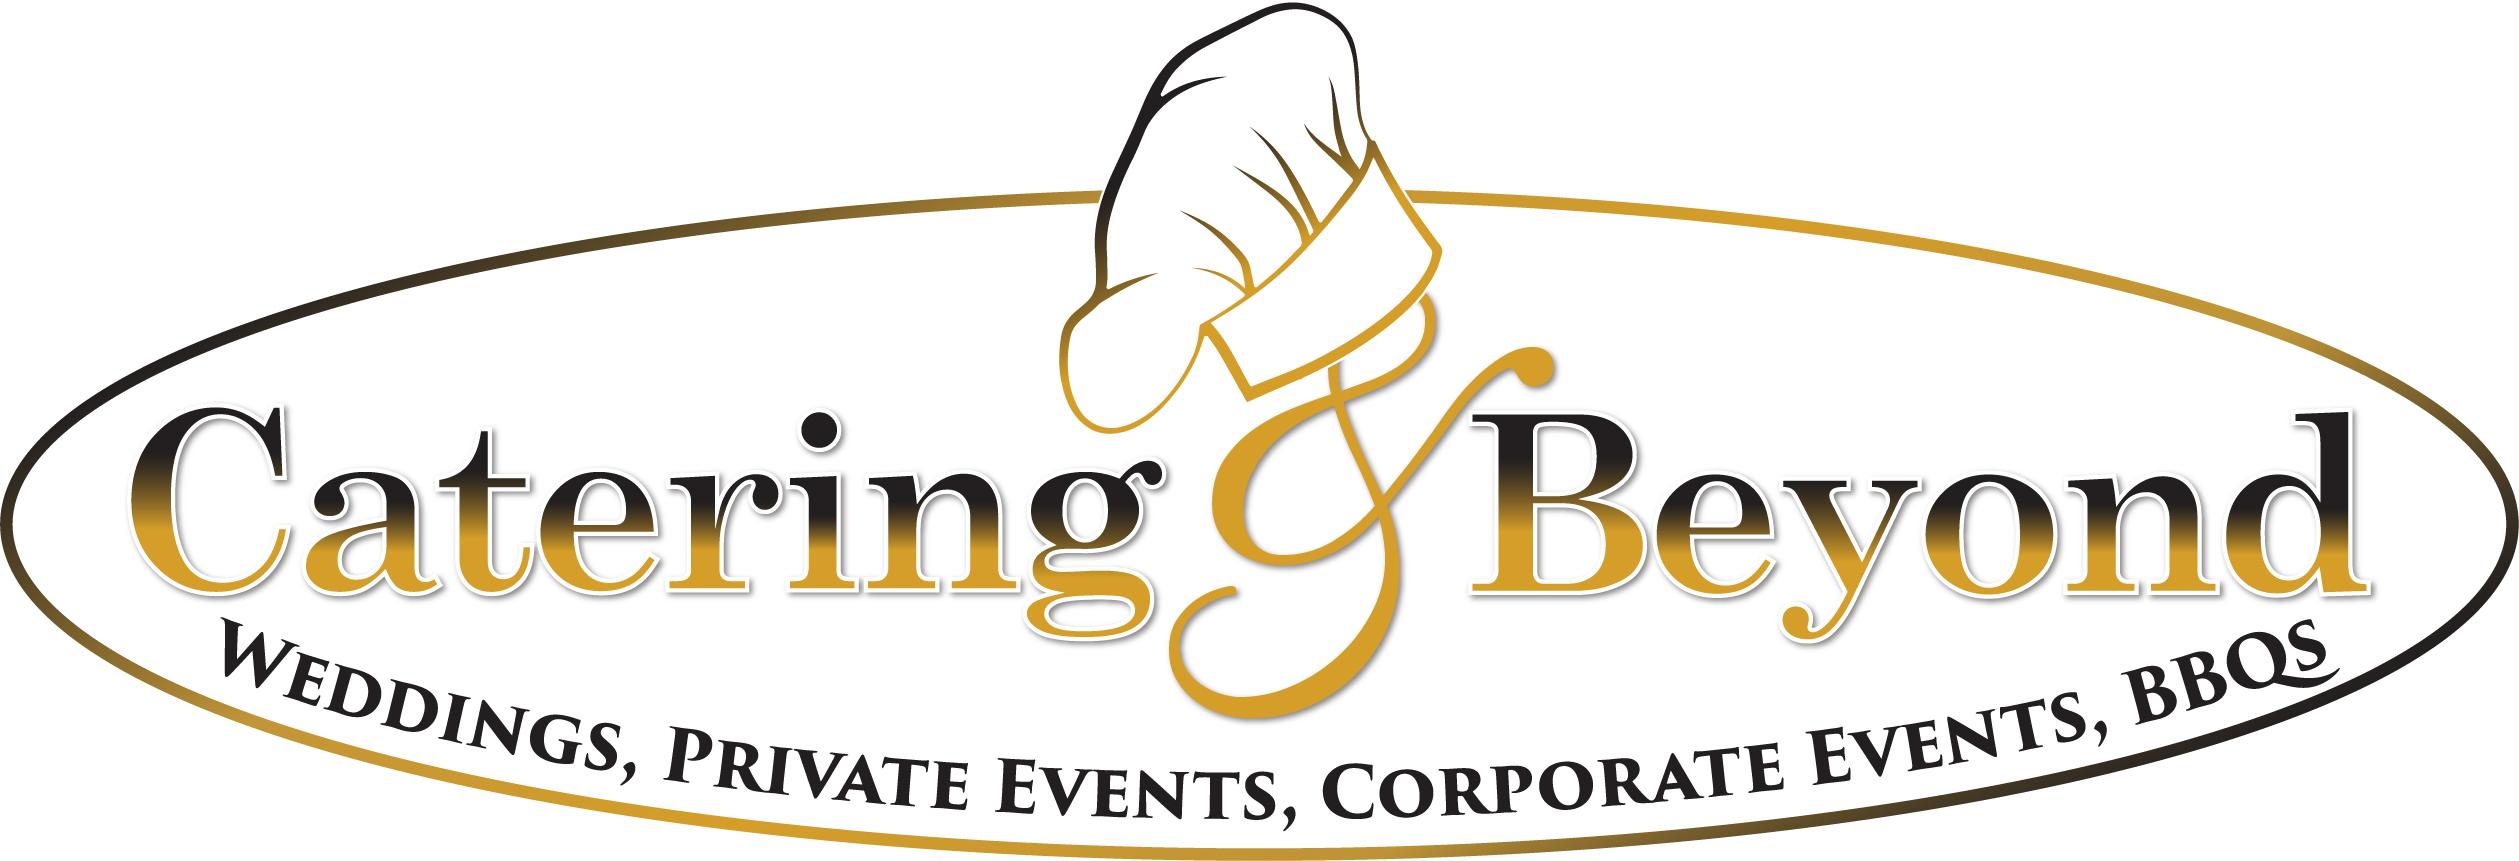 Custom logo - Catering company